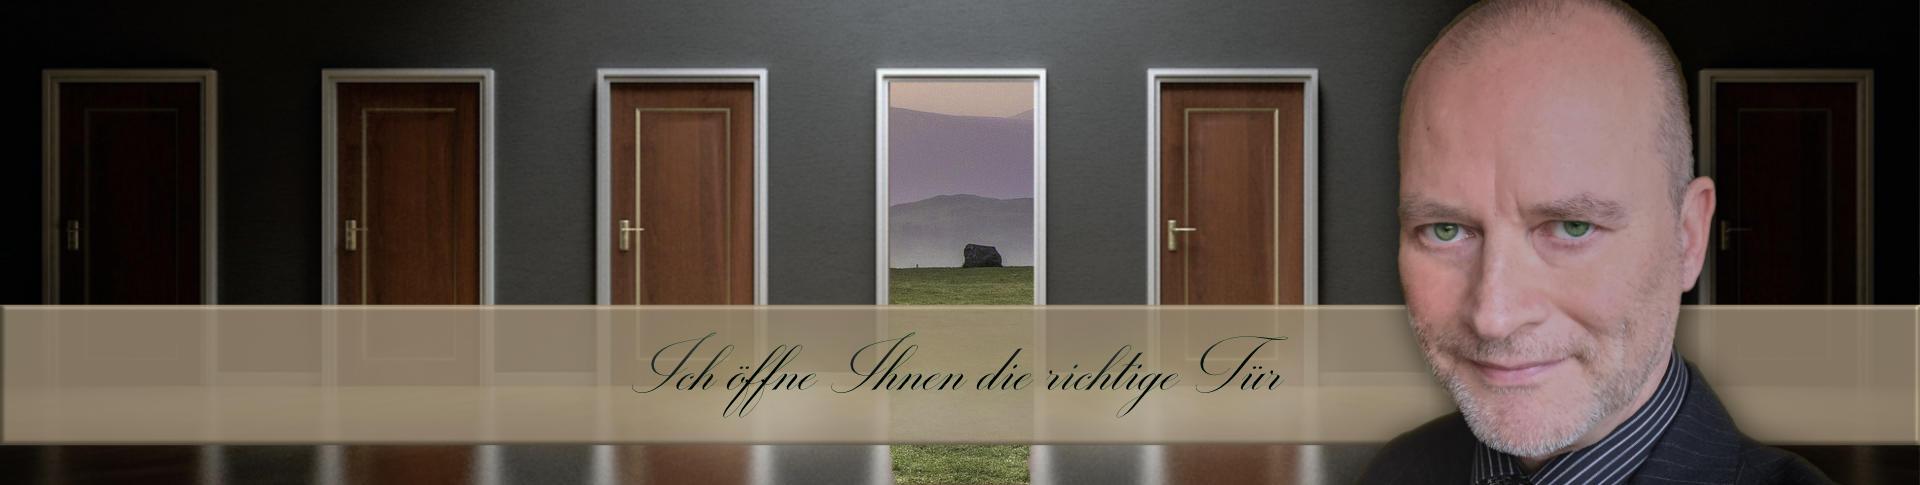 Ich öffne Ihnen die richtige Tür! Hypnose in Heidelberg, Hypnose in Mannheim, www.phaidros.org